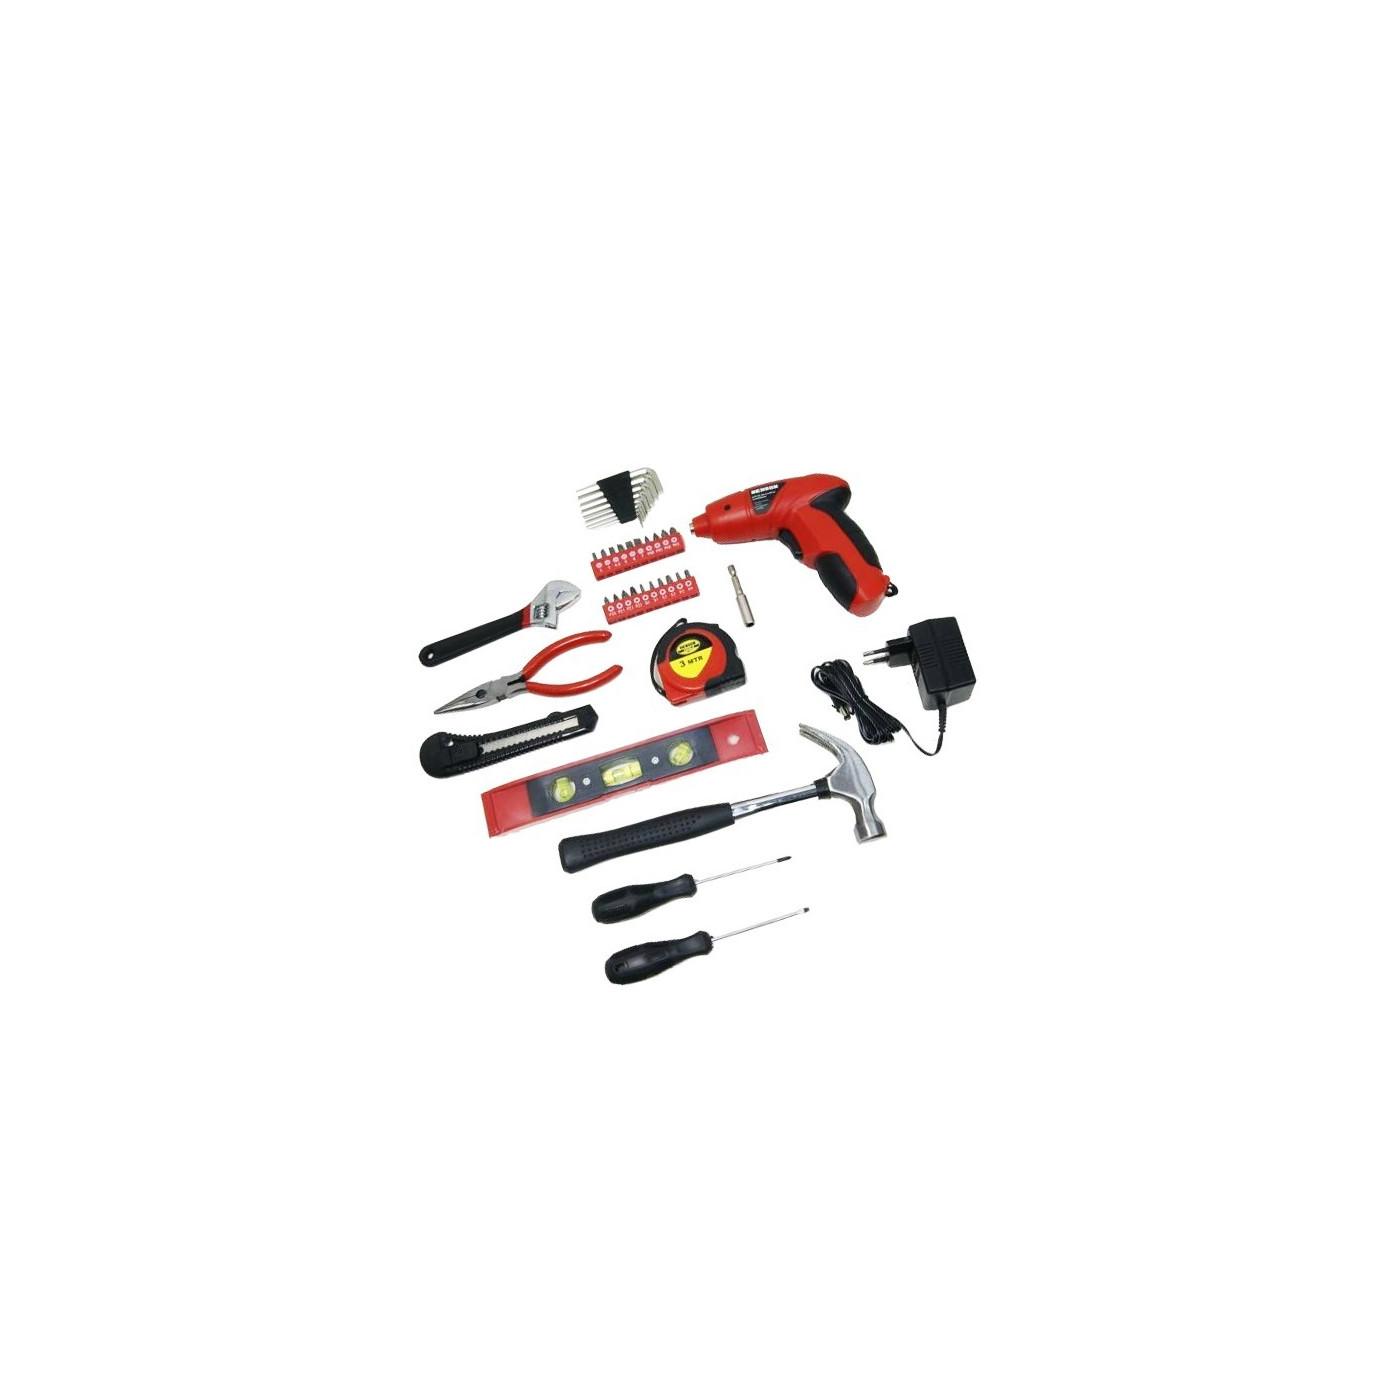 Juego de herramientas en estuche (39 piezas)  - 1